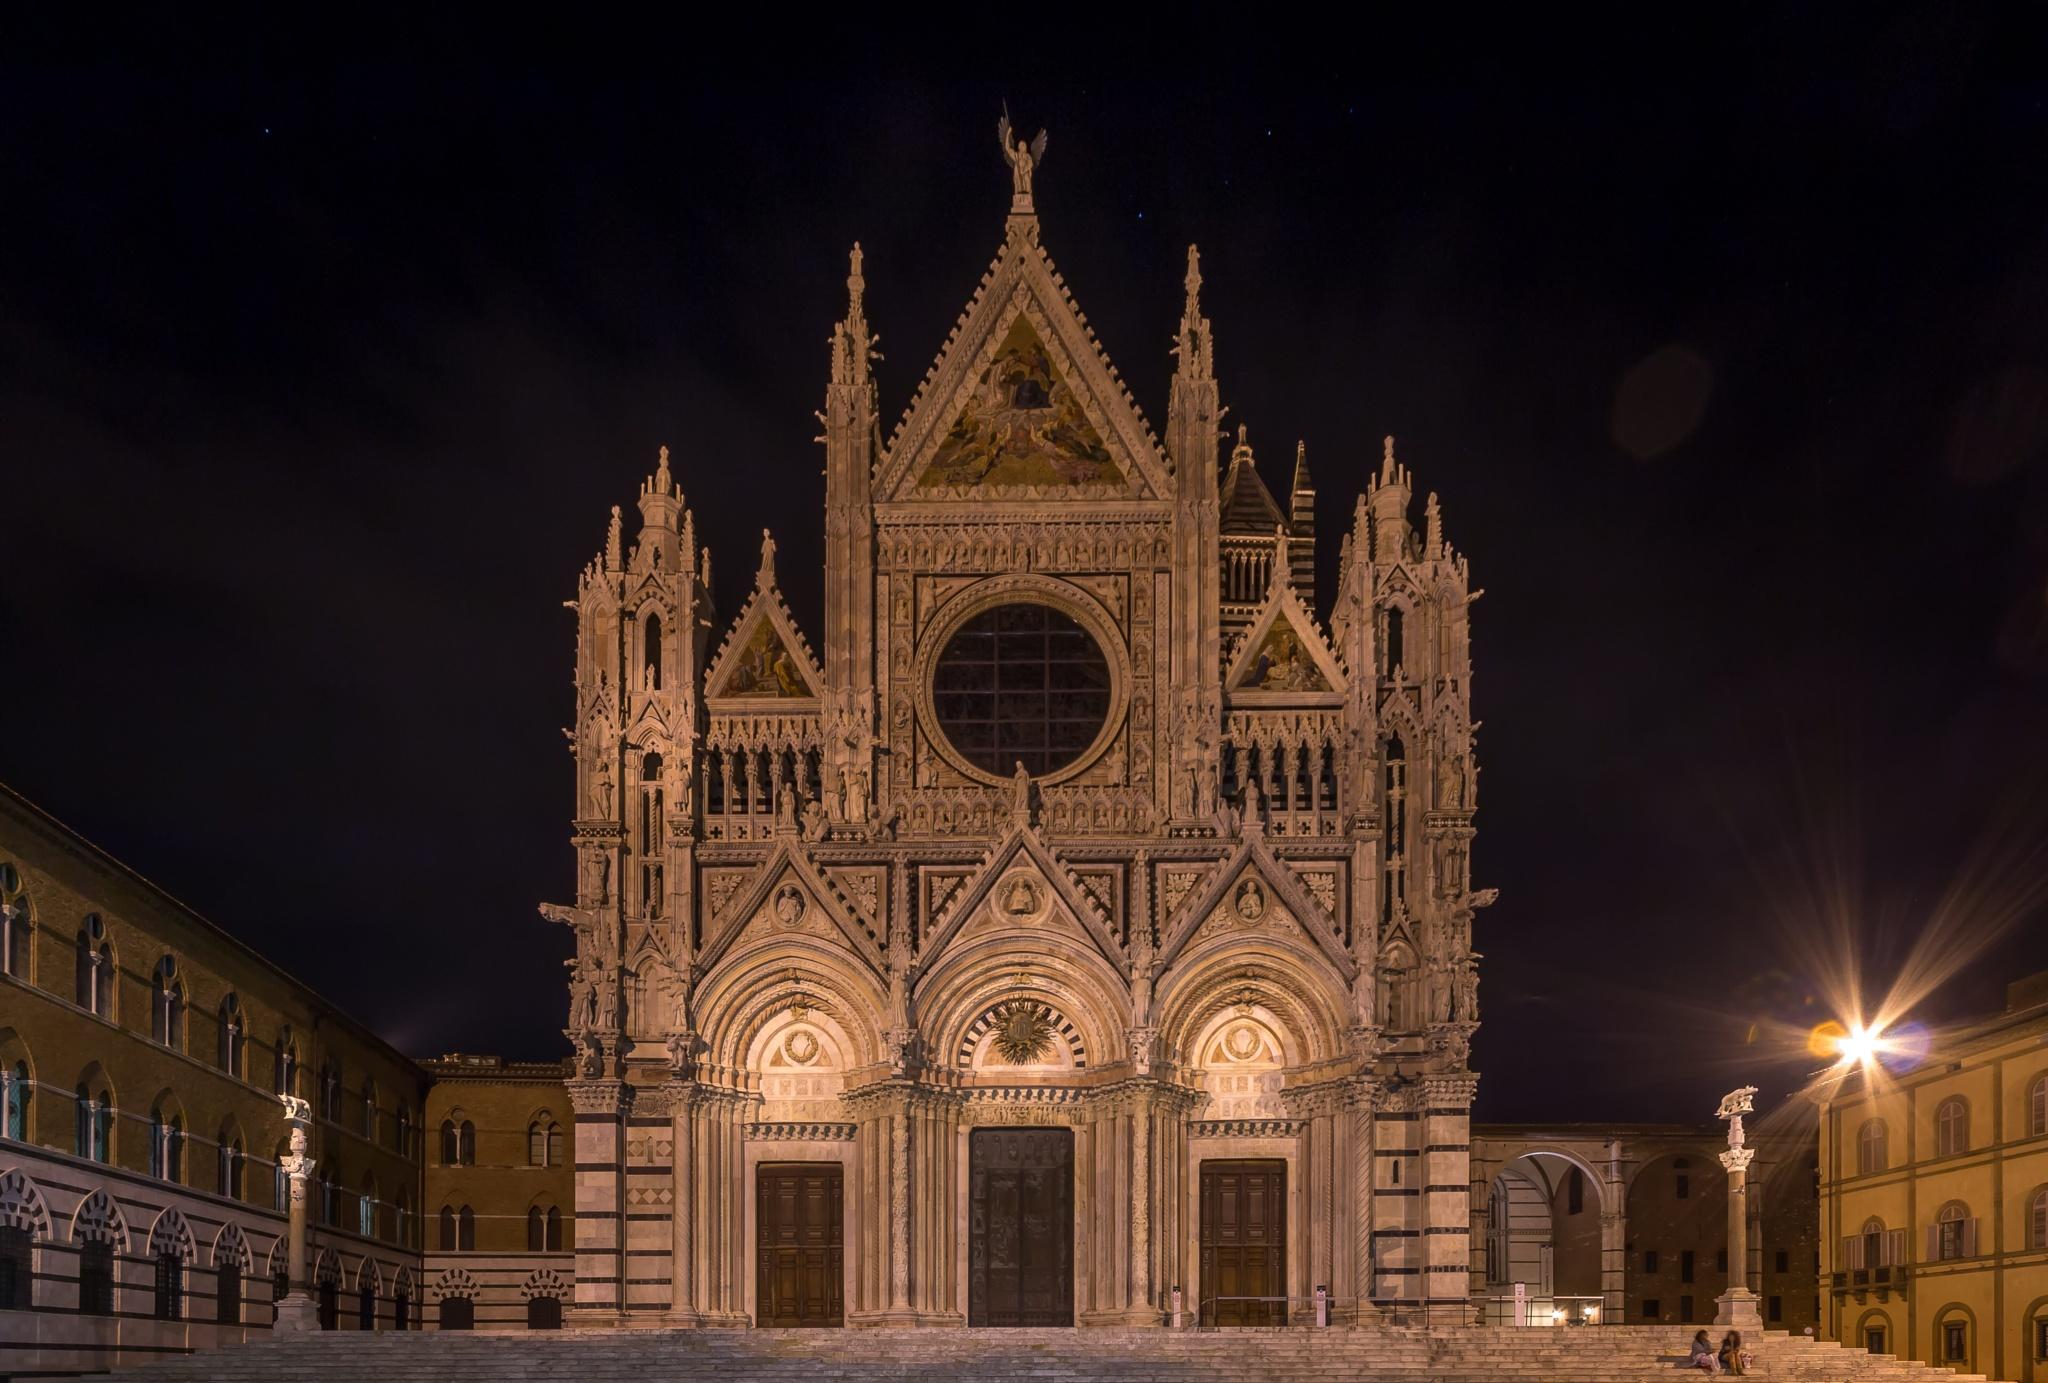 Il Duomo di notte  by Rob Menting